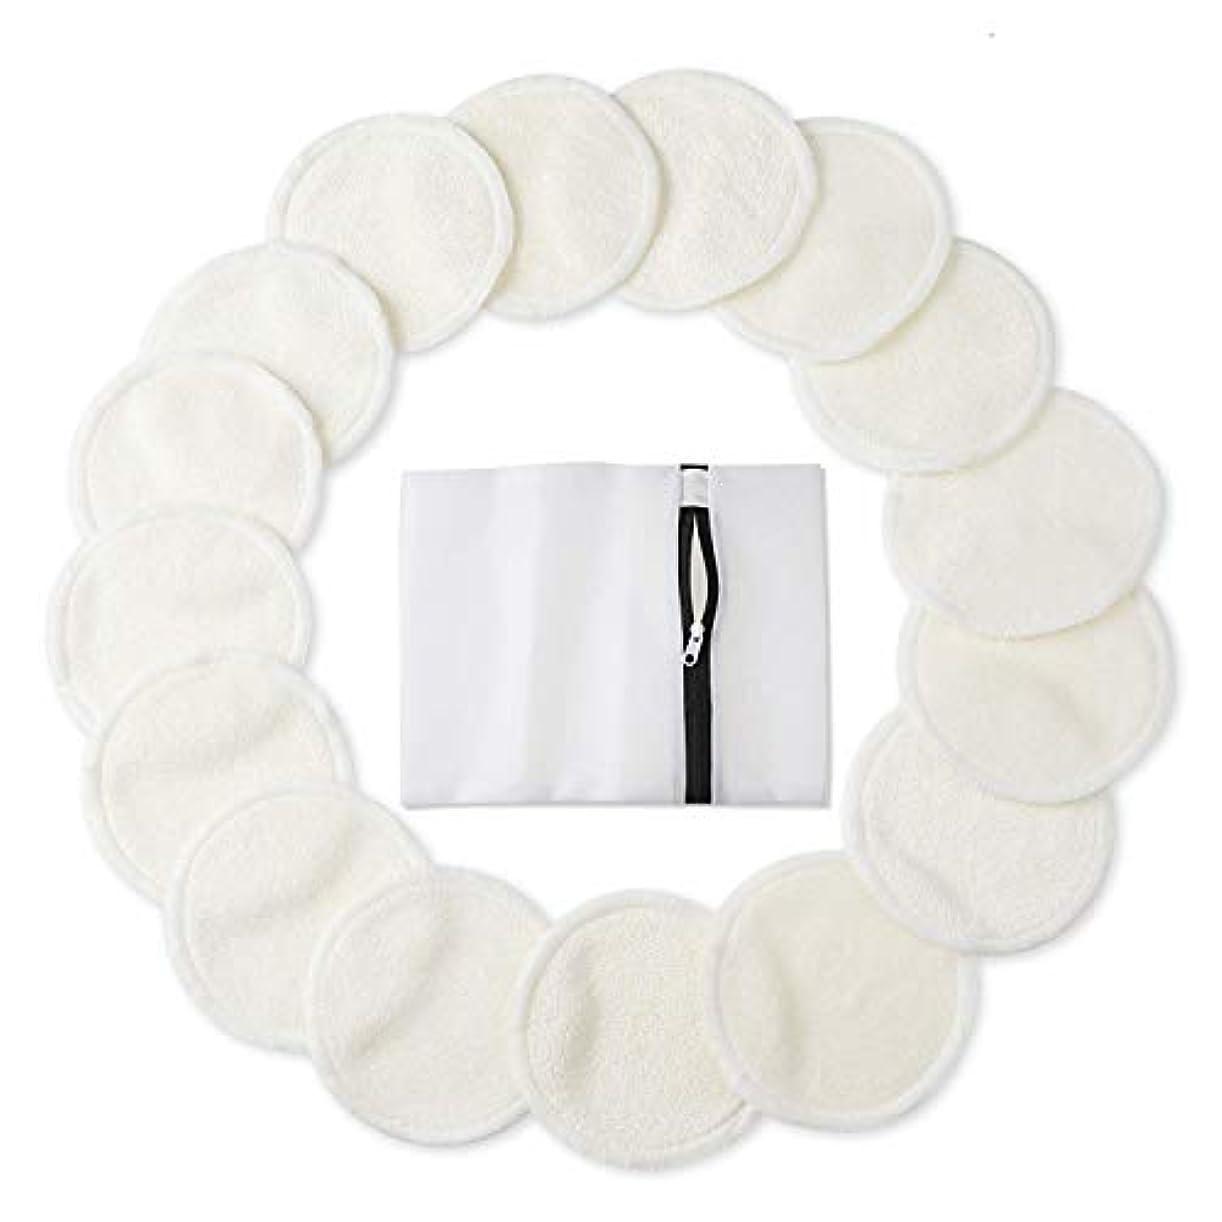 ステンレススパイラル命題Phogary 竹 メイクアップリムーバーパッドアイメイク削除顔用ランドリーバッグ洗える洗顔布で再利用可能な有機竹コットンラウンドワイプ3.15 2層